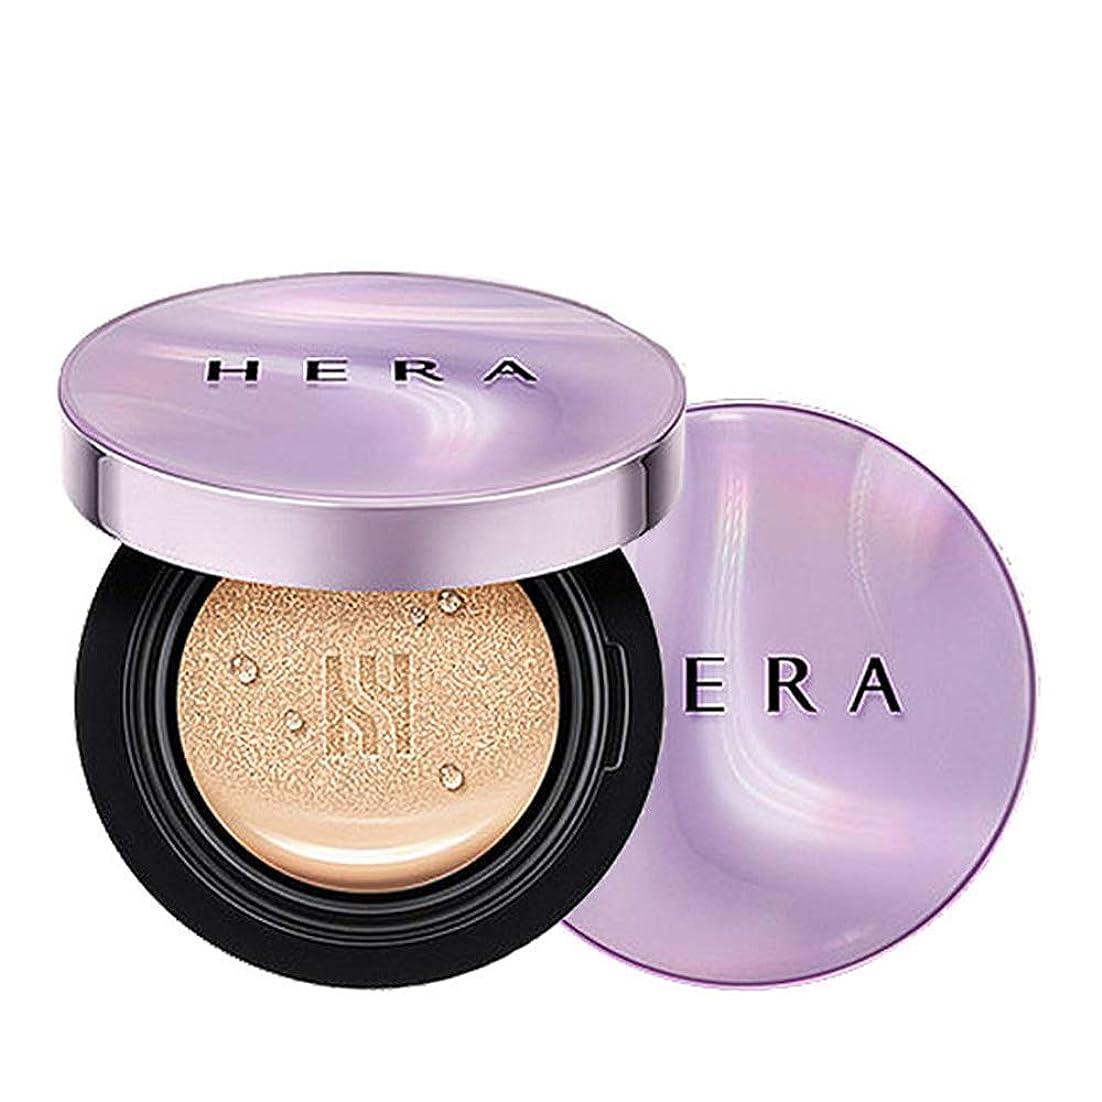 細部装備する多分HERA(ヘラ) UVミストクッション(カバー)SPF50+/PA+++ [本体のみ] C17号/ロゼバニラ